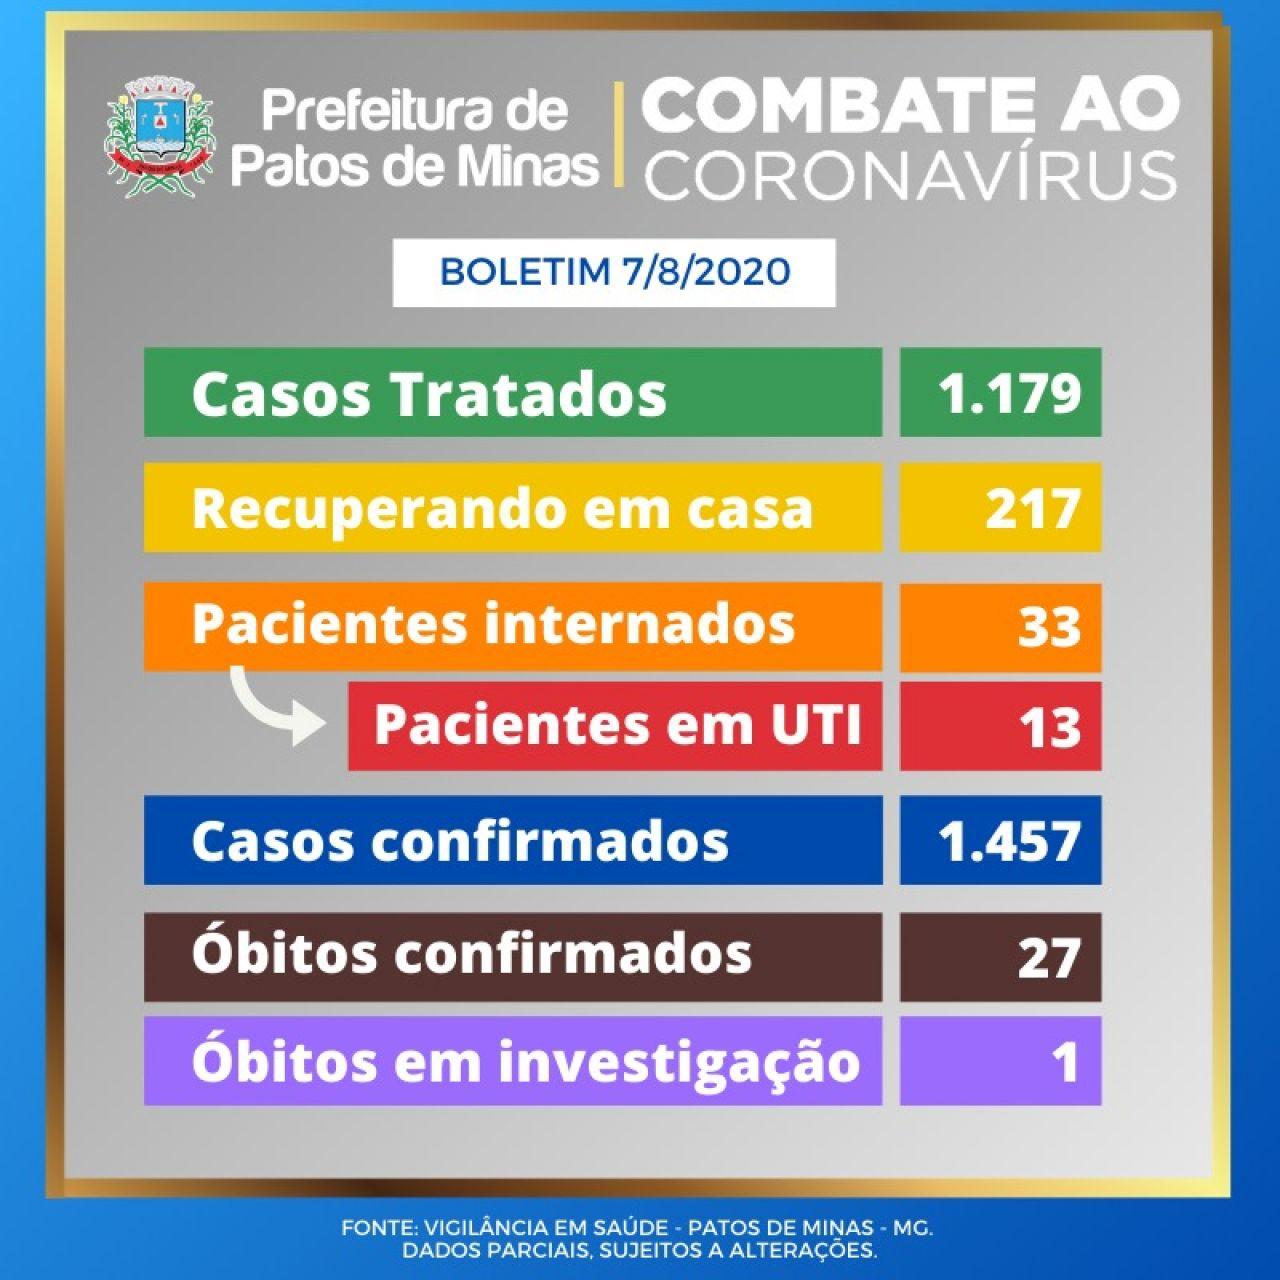 Covid-19: Patos de Minas tem 7 novos casos e 8 óbitos confirmados